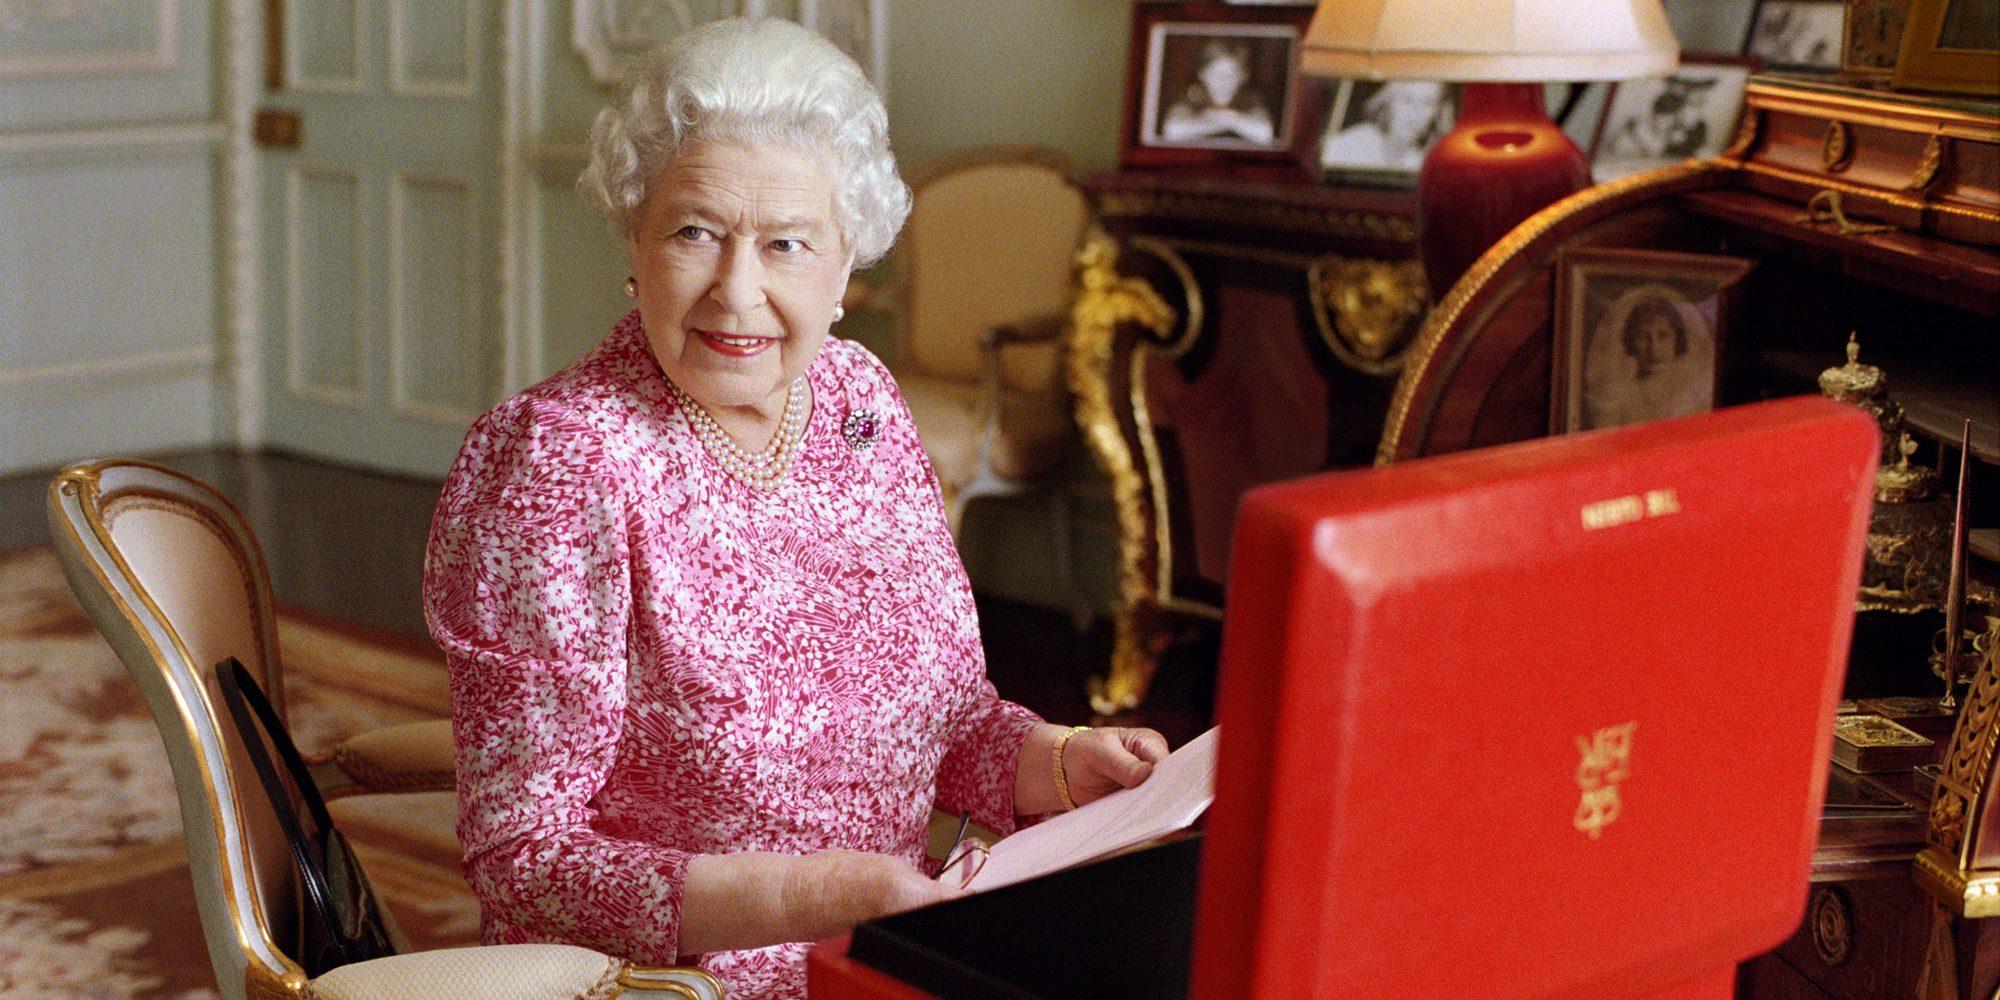 Los 9 momentos que han marcado los 90 años de vida de la Reina Isabel II